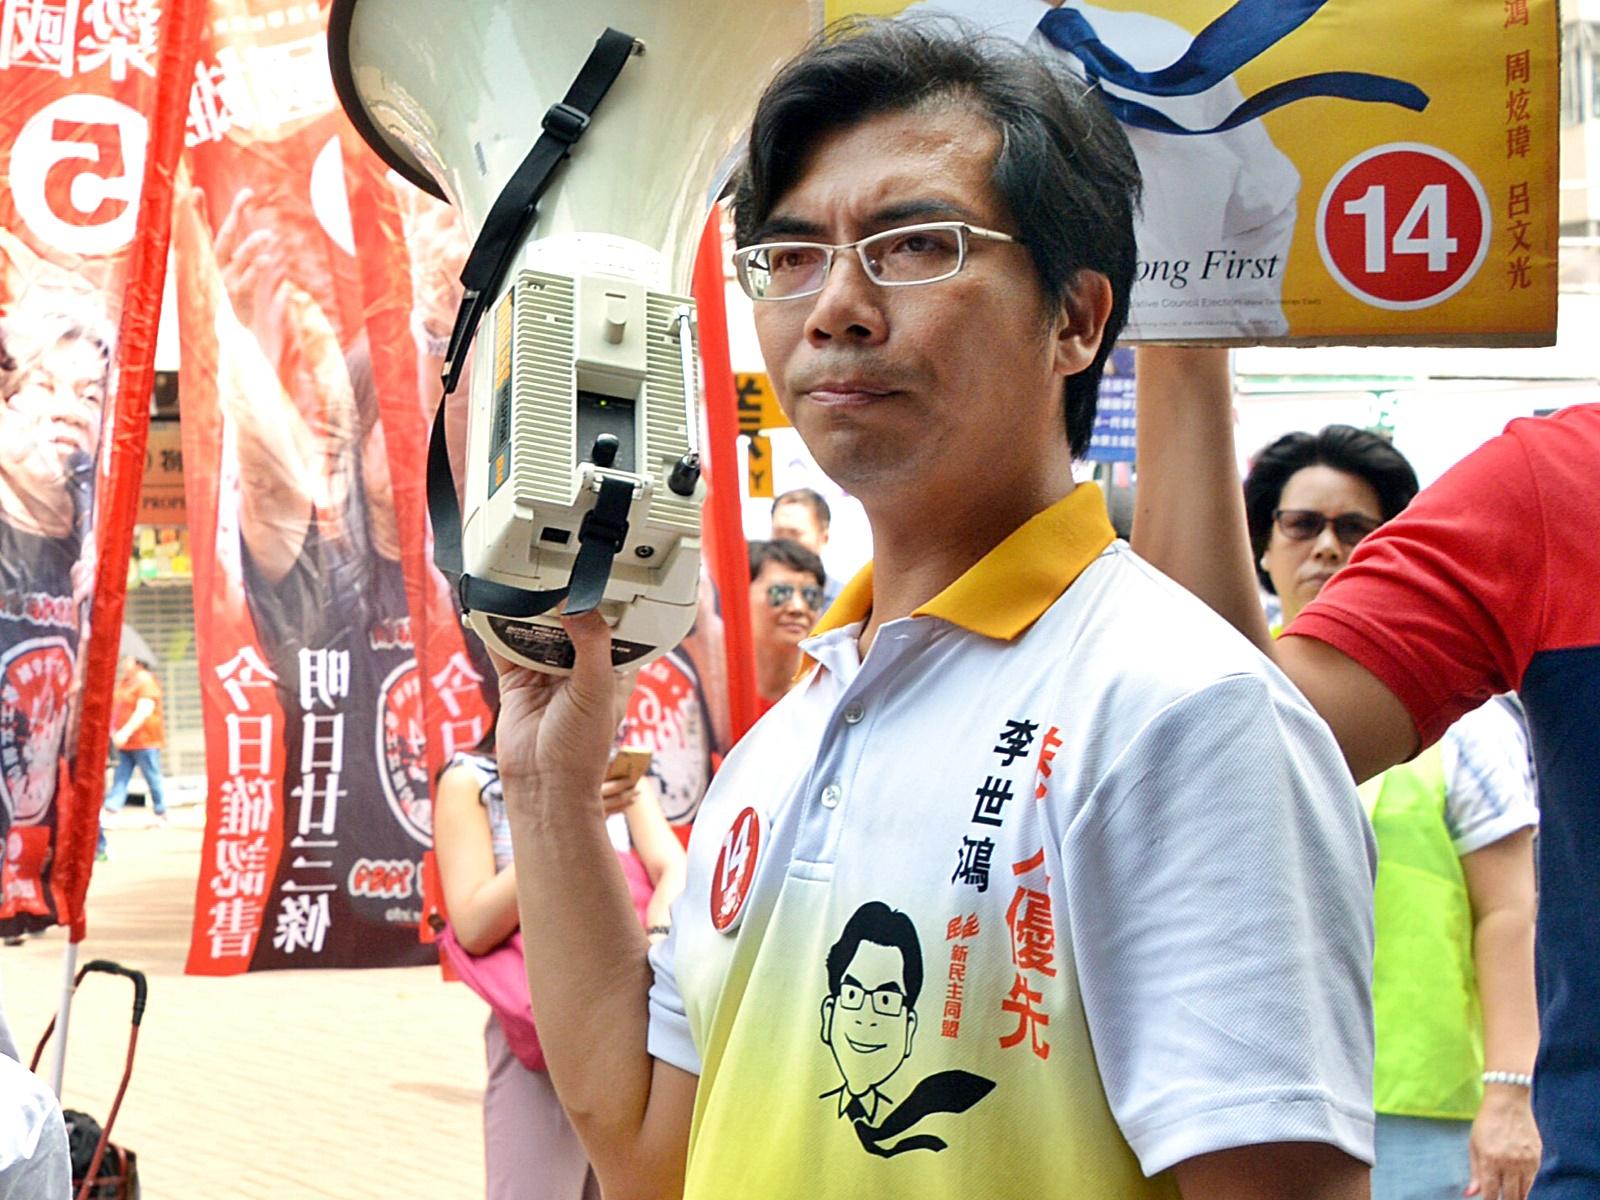 【逃犯条例】沙田区议员李世鸿被捕 警驱散示威者